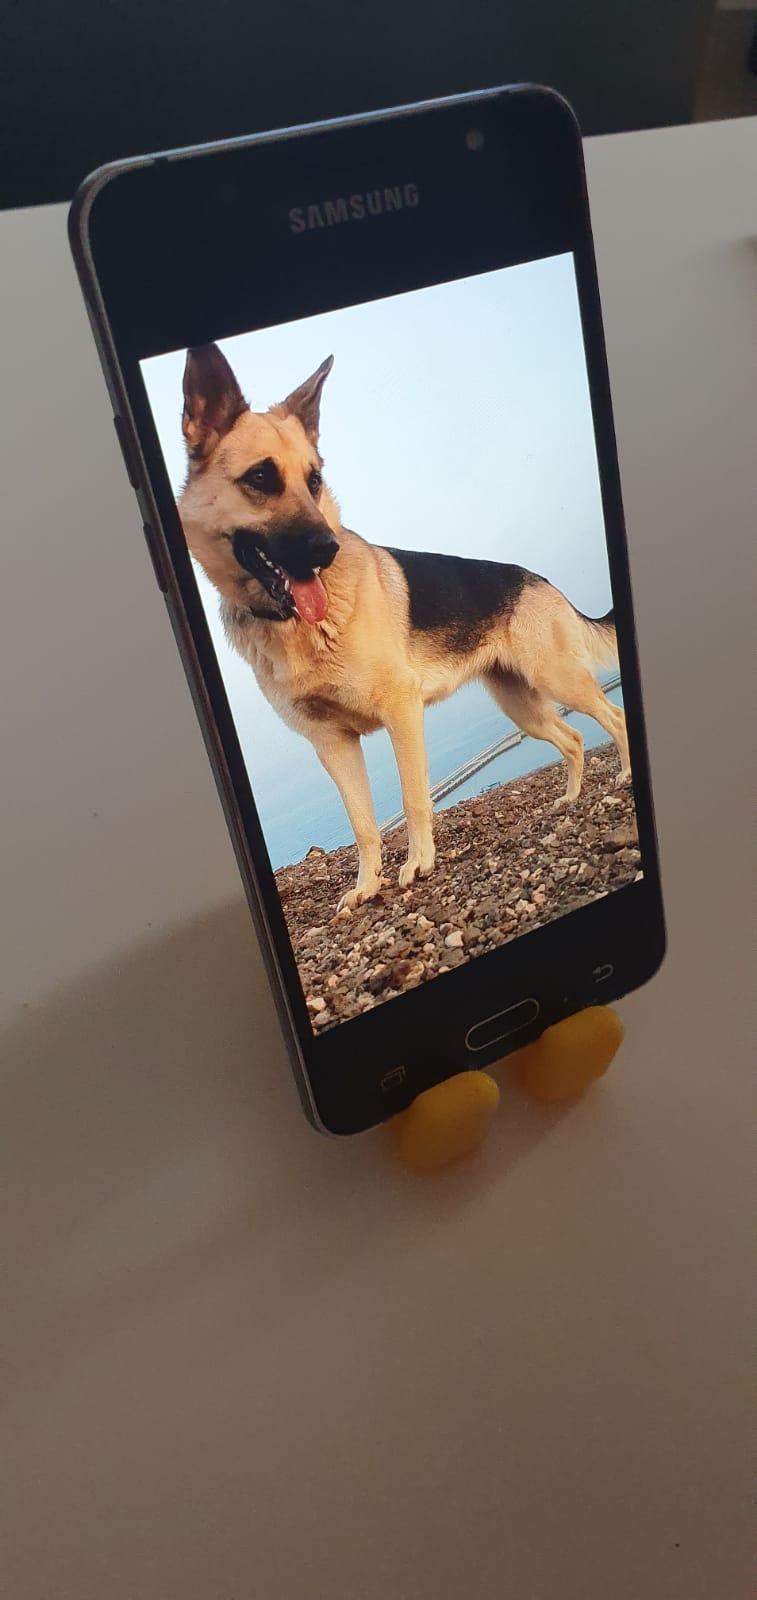 oso soporte 3.jpeg Télécharger fichier STL gratuit Petit gros ours (support pour smartphone) • Objet à imprimer en 3D, MaJoReRo